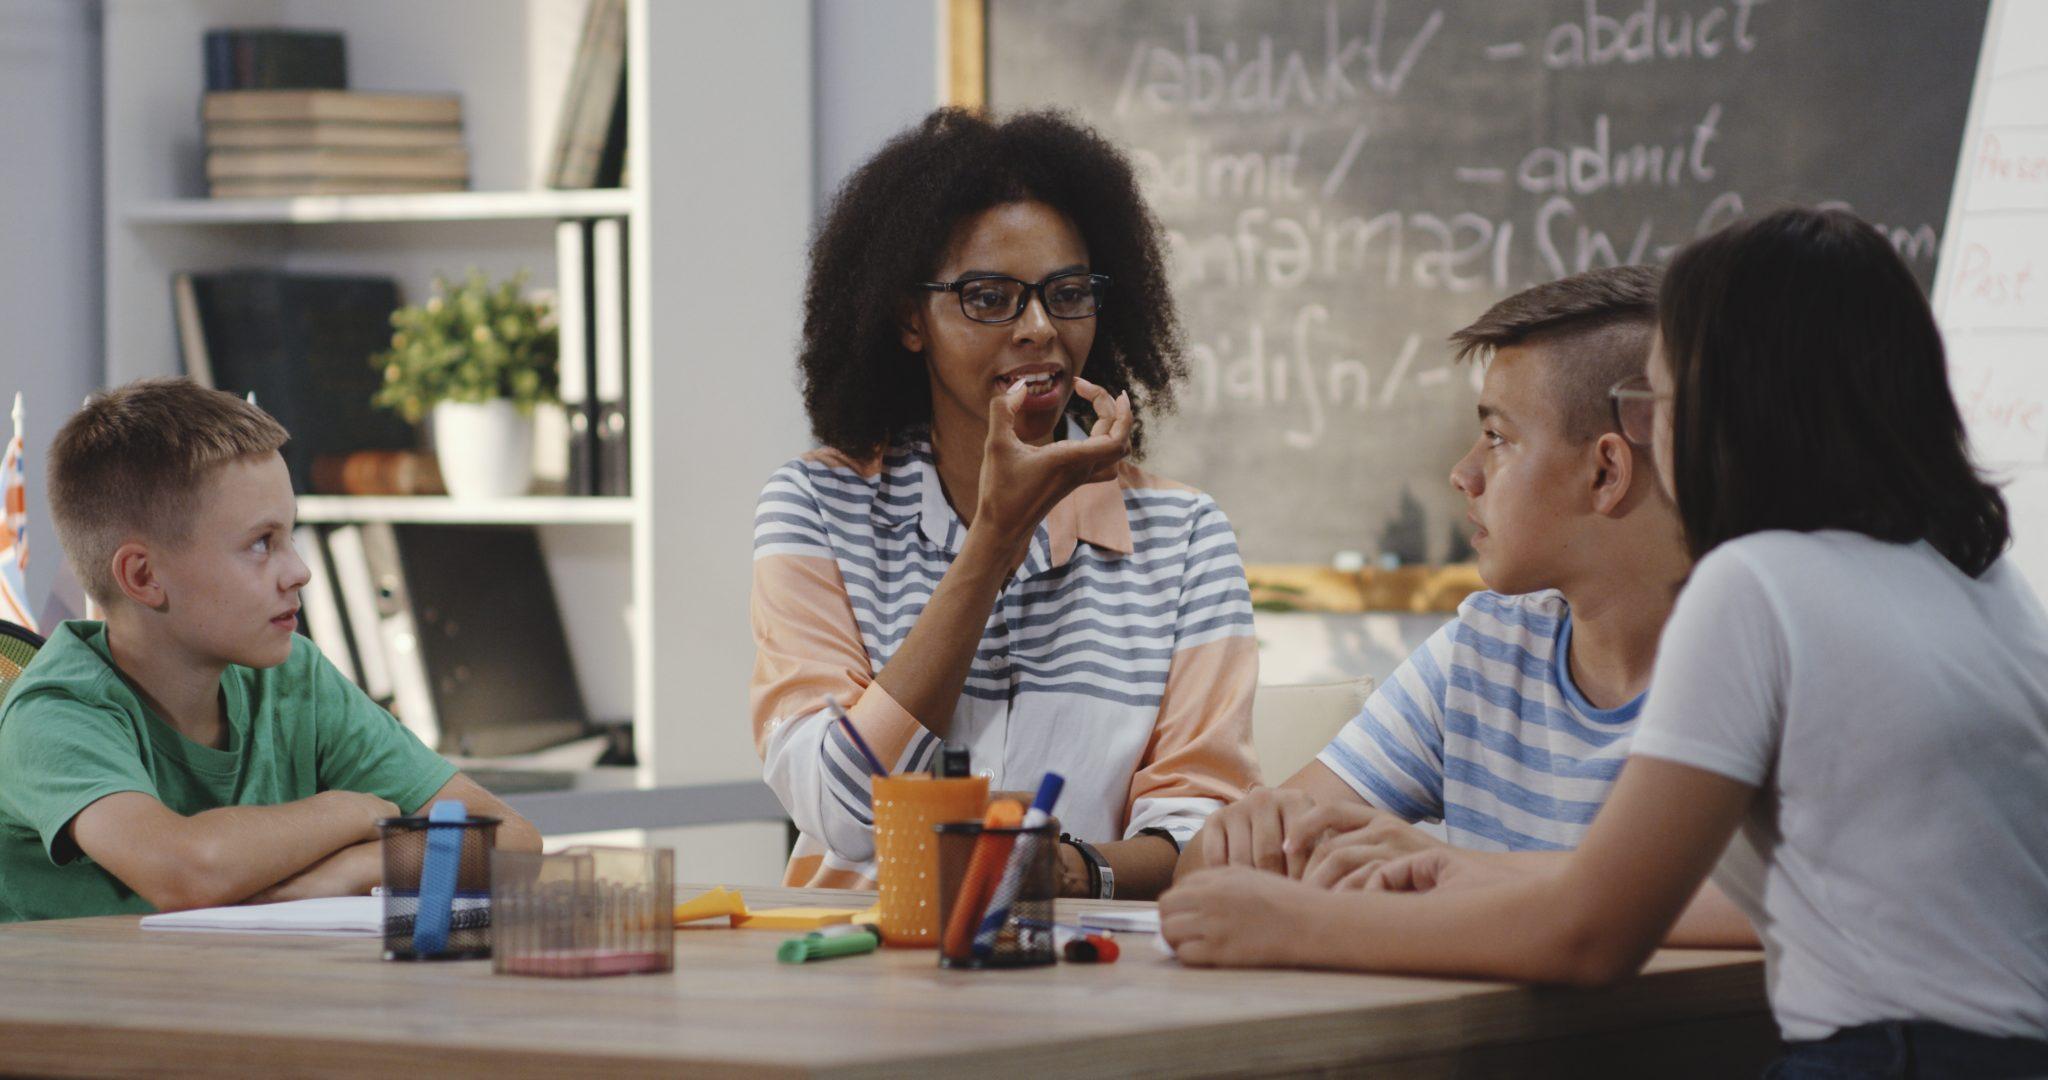 もし「英会話を学びたい、でも学べない」という人がいたら